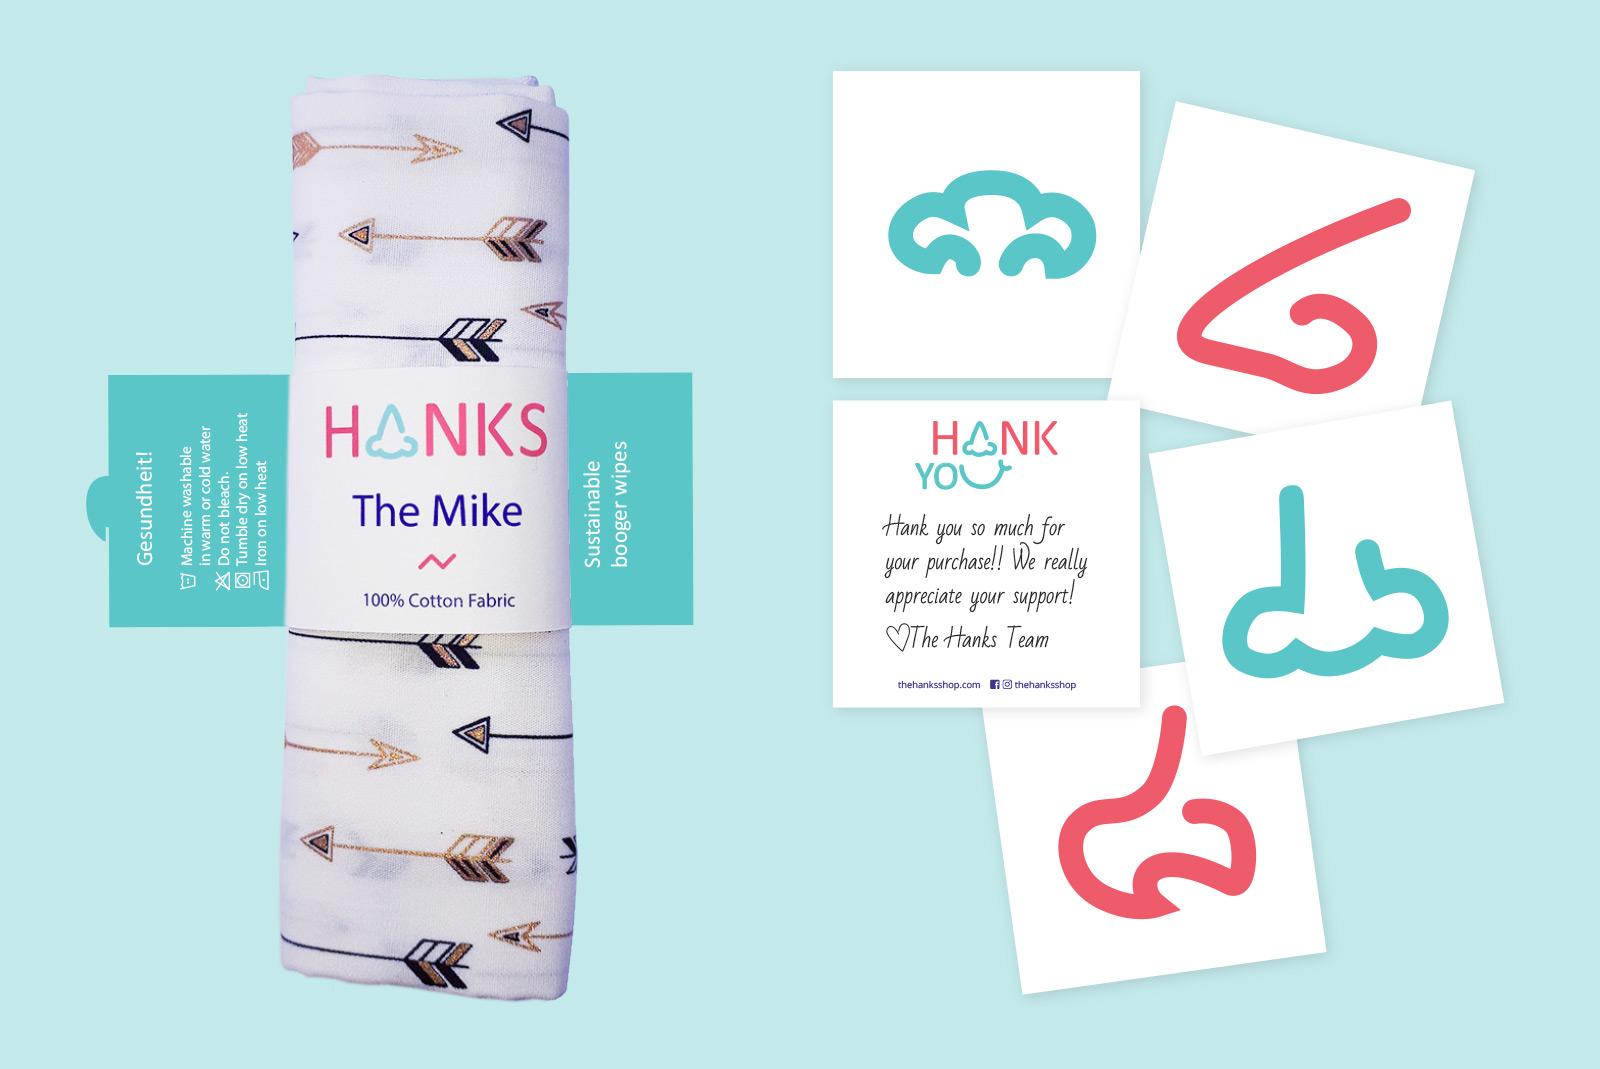 hanks-packaging_geena-mcinnes.jpg